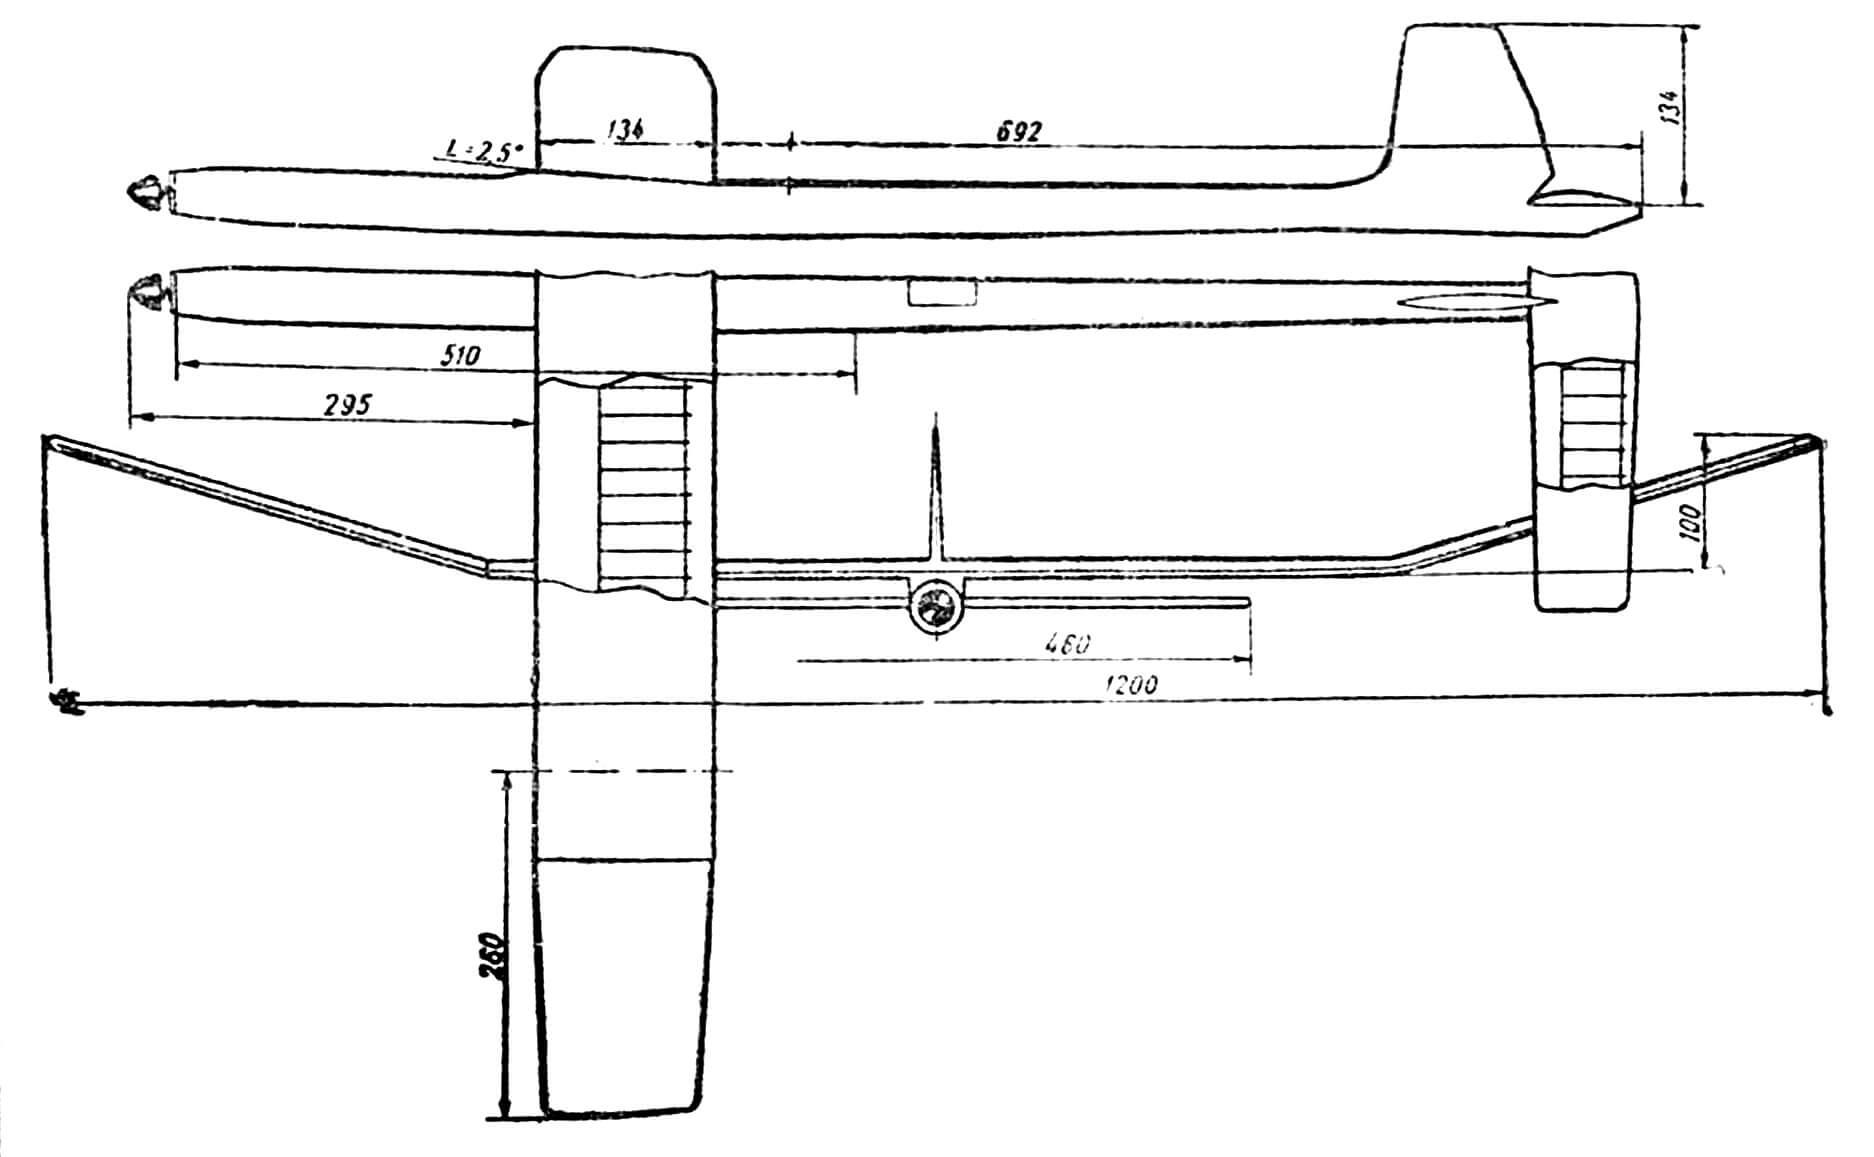 Резиномоторная модель, с которой Е. Мелентьев выступал на чемпионатах мира в ЧССР в 1967 году и в Австрии в 1969 году.